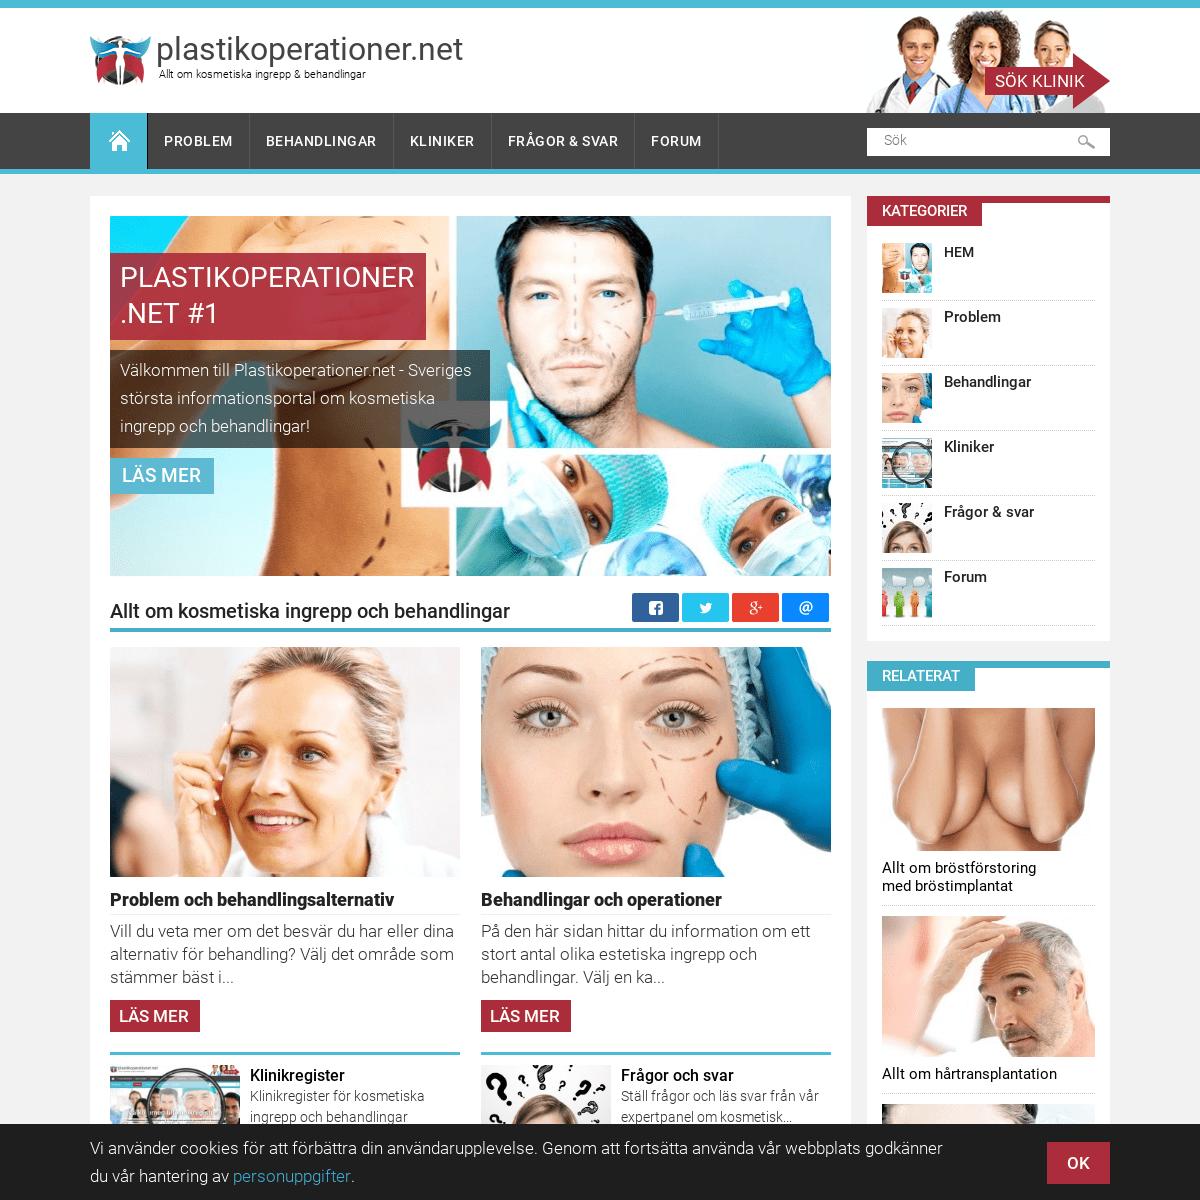 Plastikoperationer.net - Allt om kosmetisk medicin